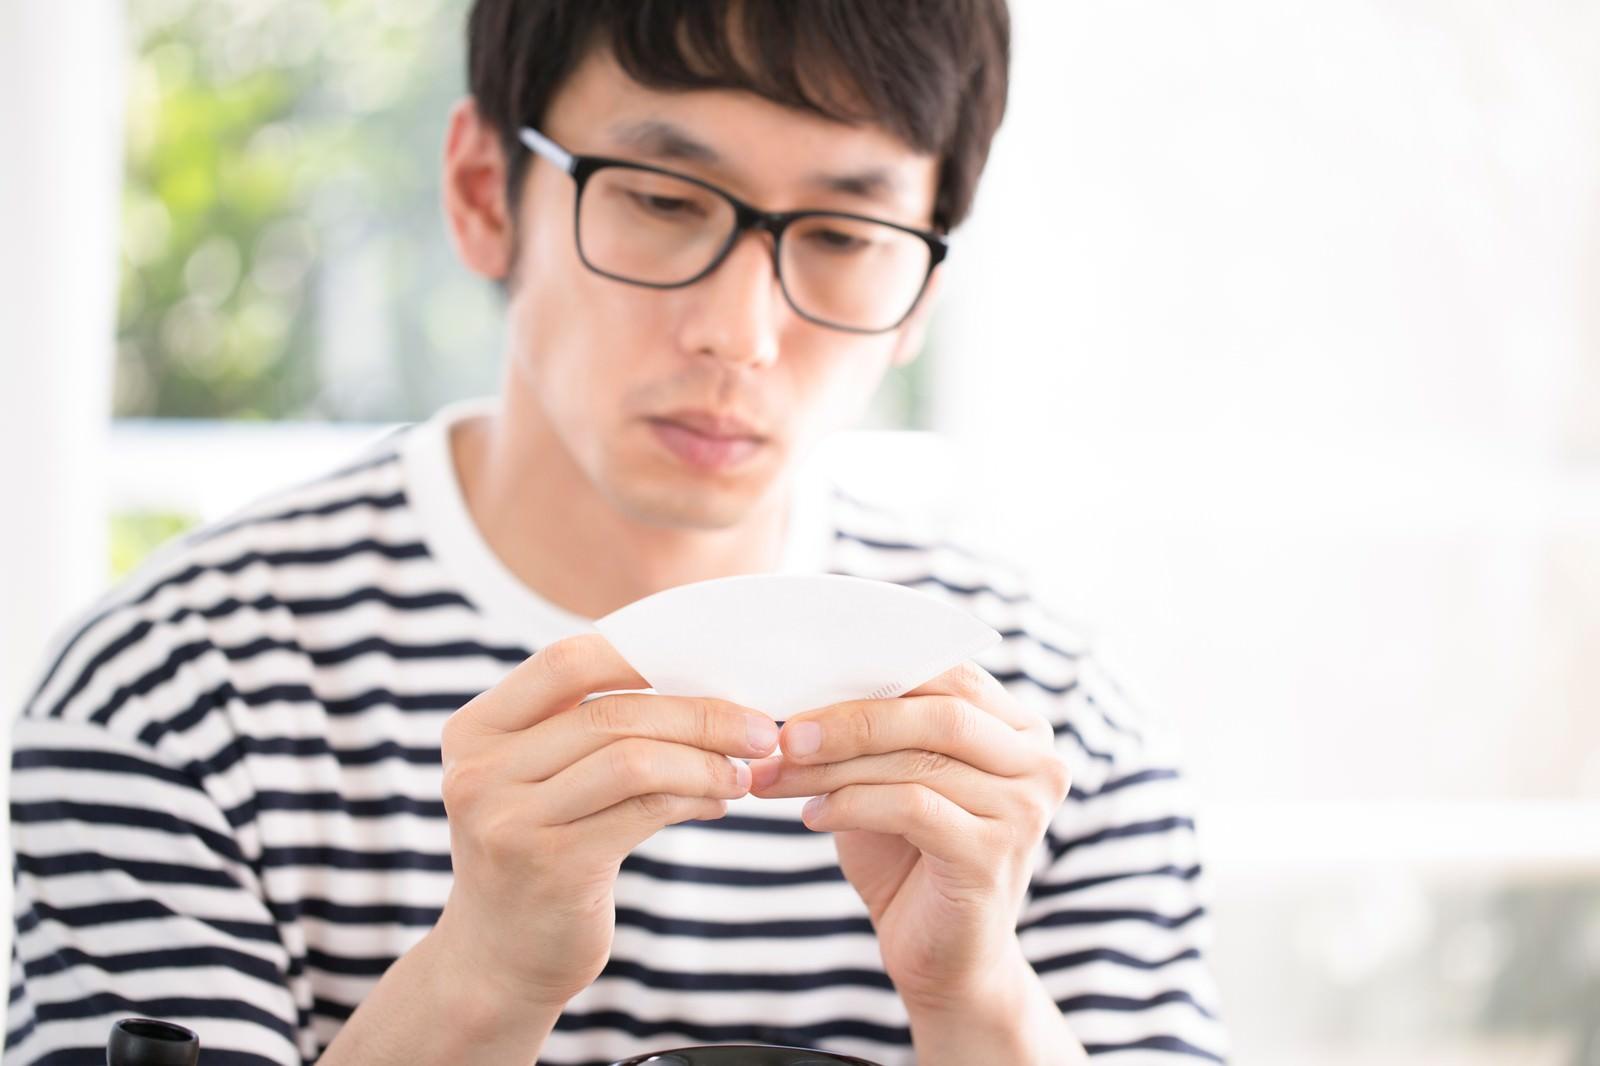 「ドリップコーヒーのペーパーフィルターをていねいに折るマメ男ドリップコーヒーのペーパーフィルターをていねいに折るマメ男」[モデル:大川竜弥]のフリー写真素材を拡大